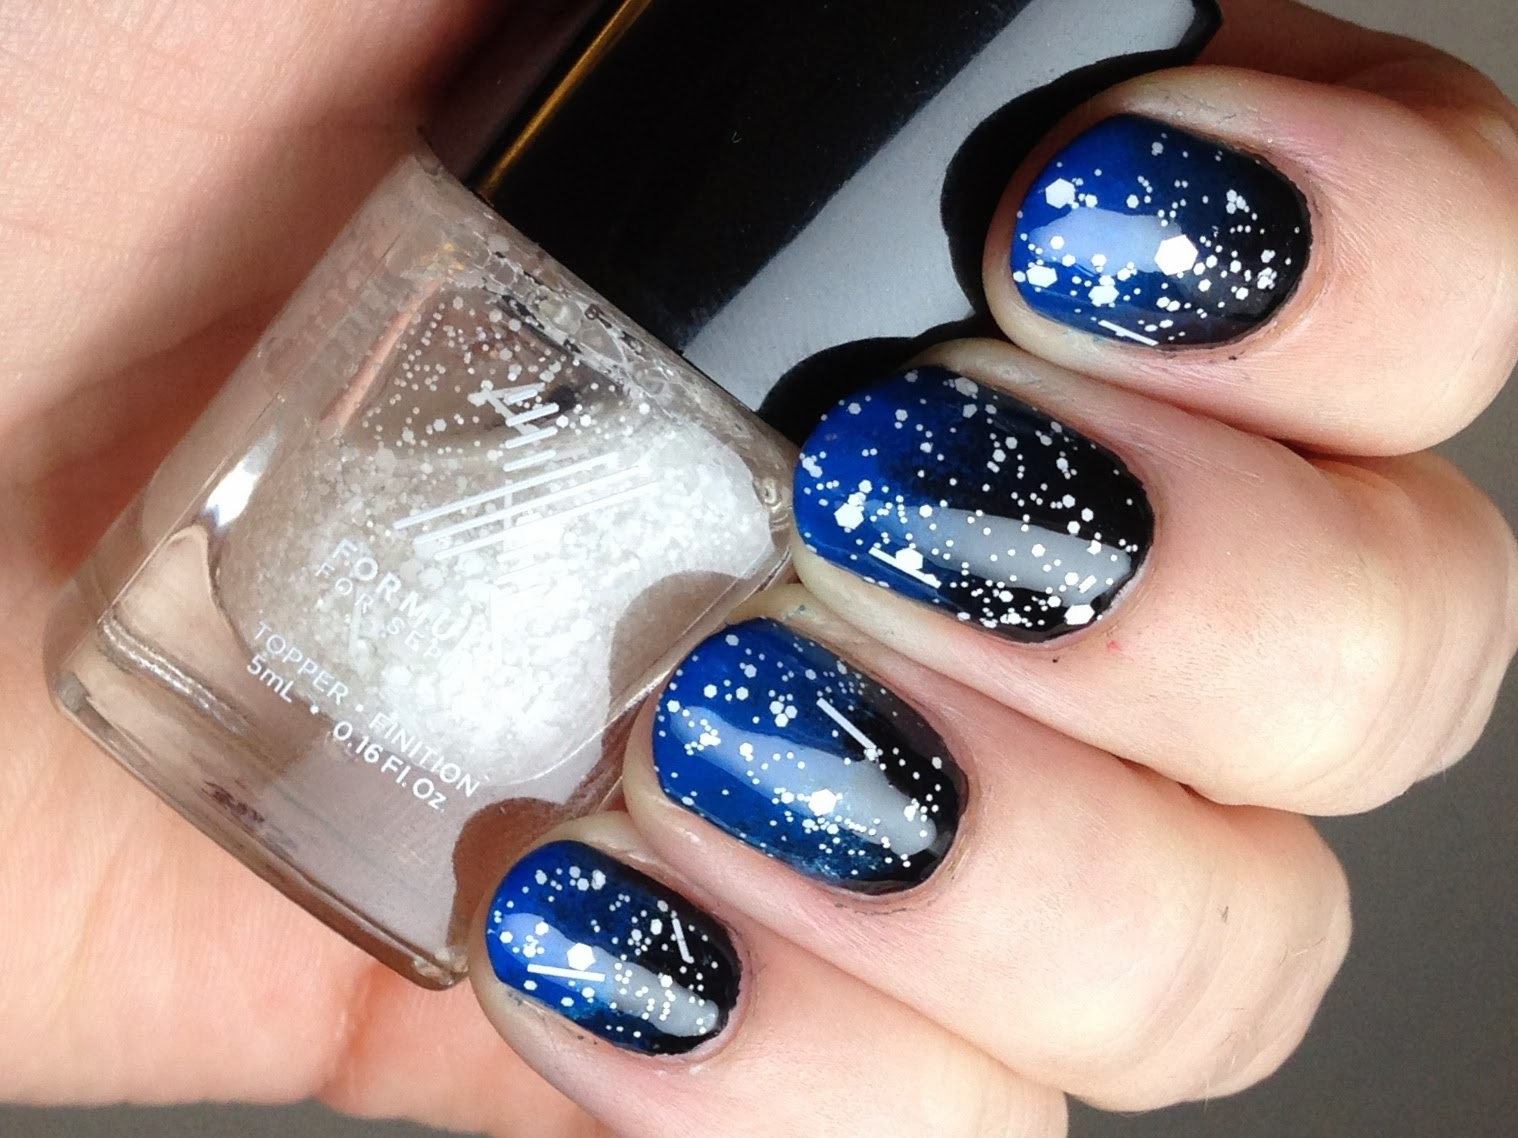 Piano Finger(nail)s: Snowy Night Sky